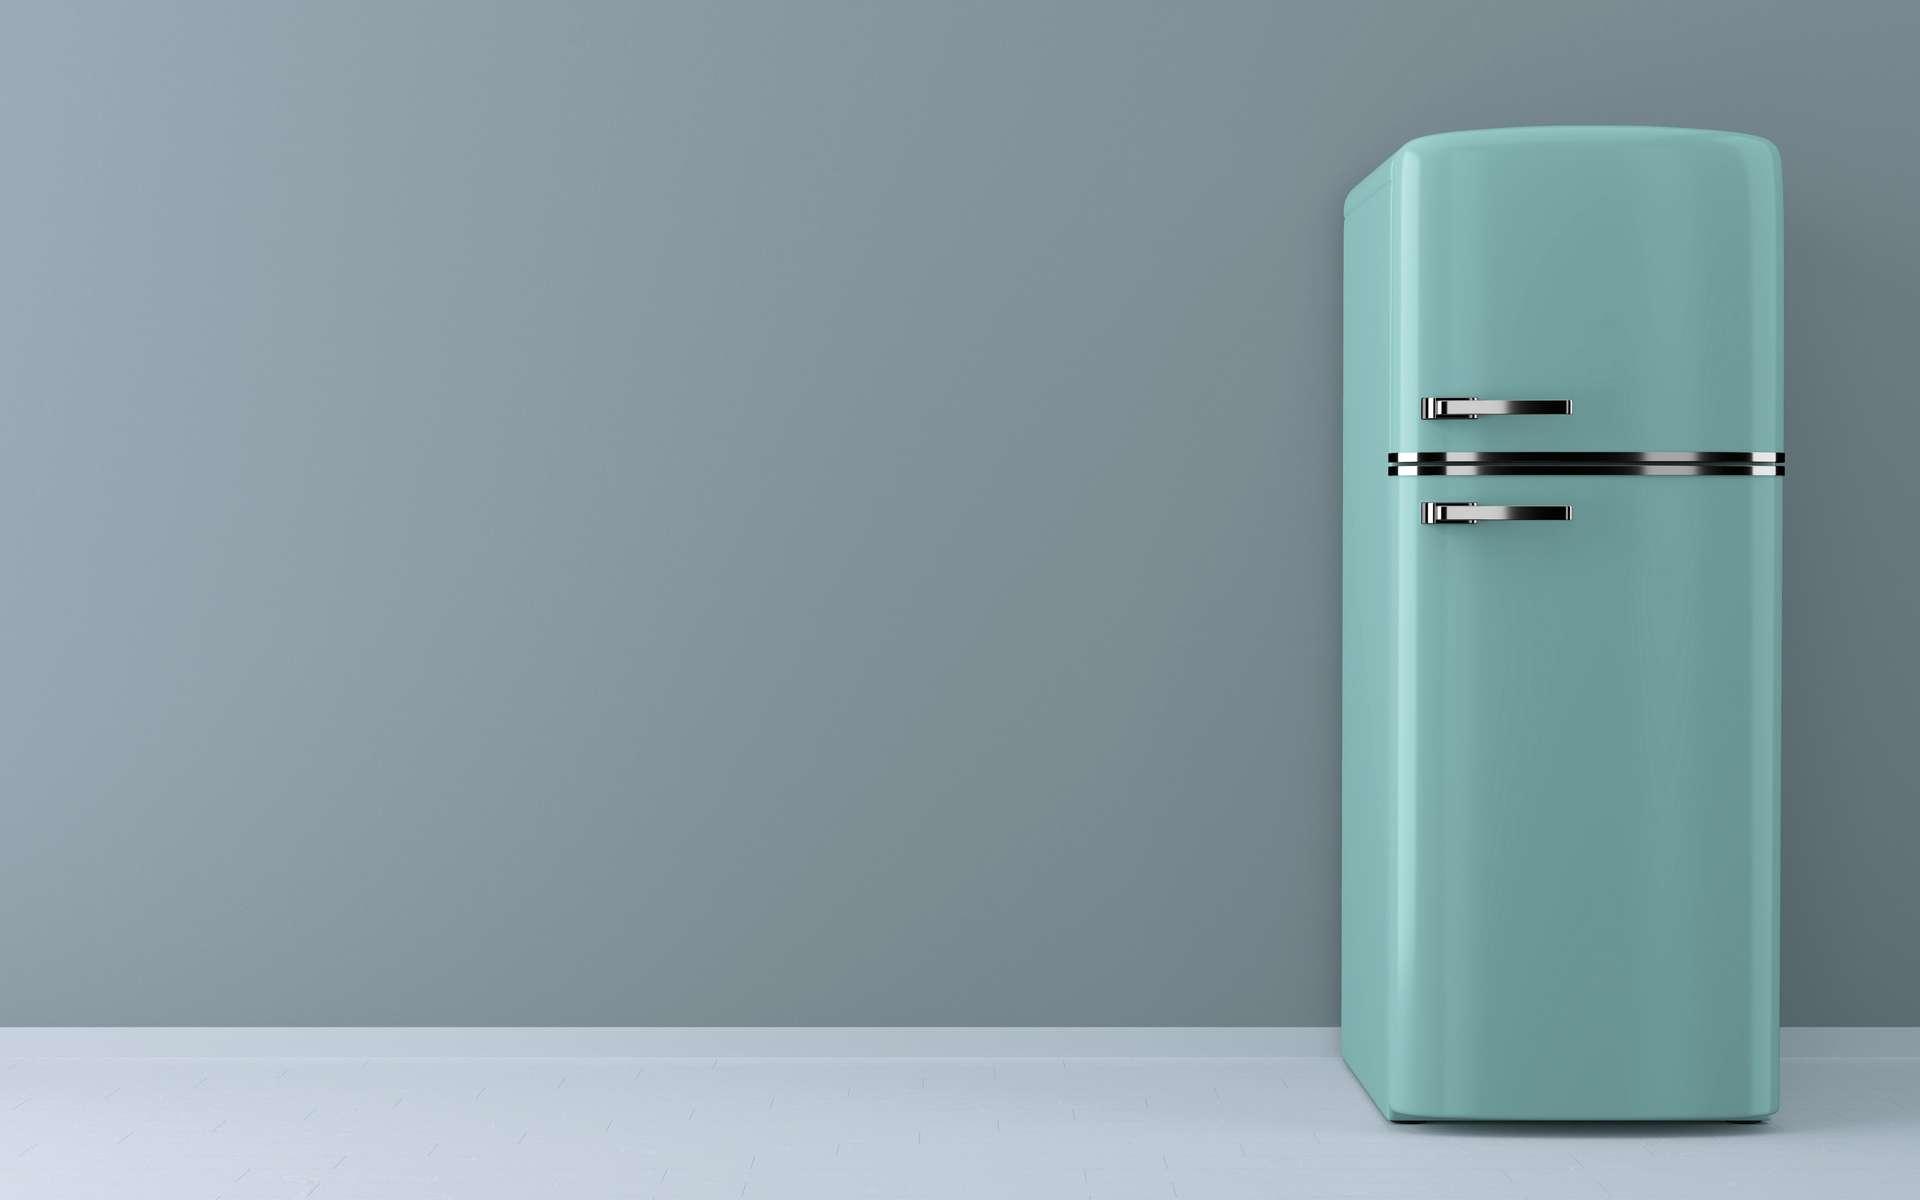 Le réfrigérateur domestique a été breveté en premier par Carl von Linde. © volodyar, Adobe Stock